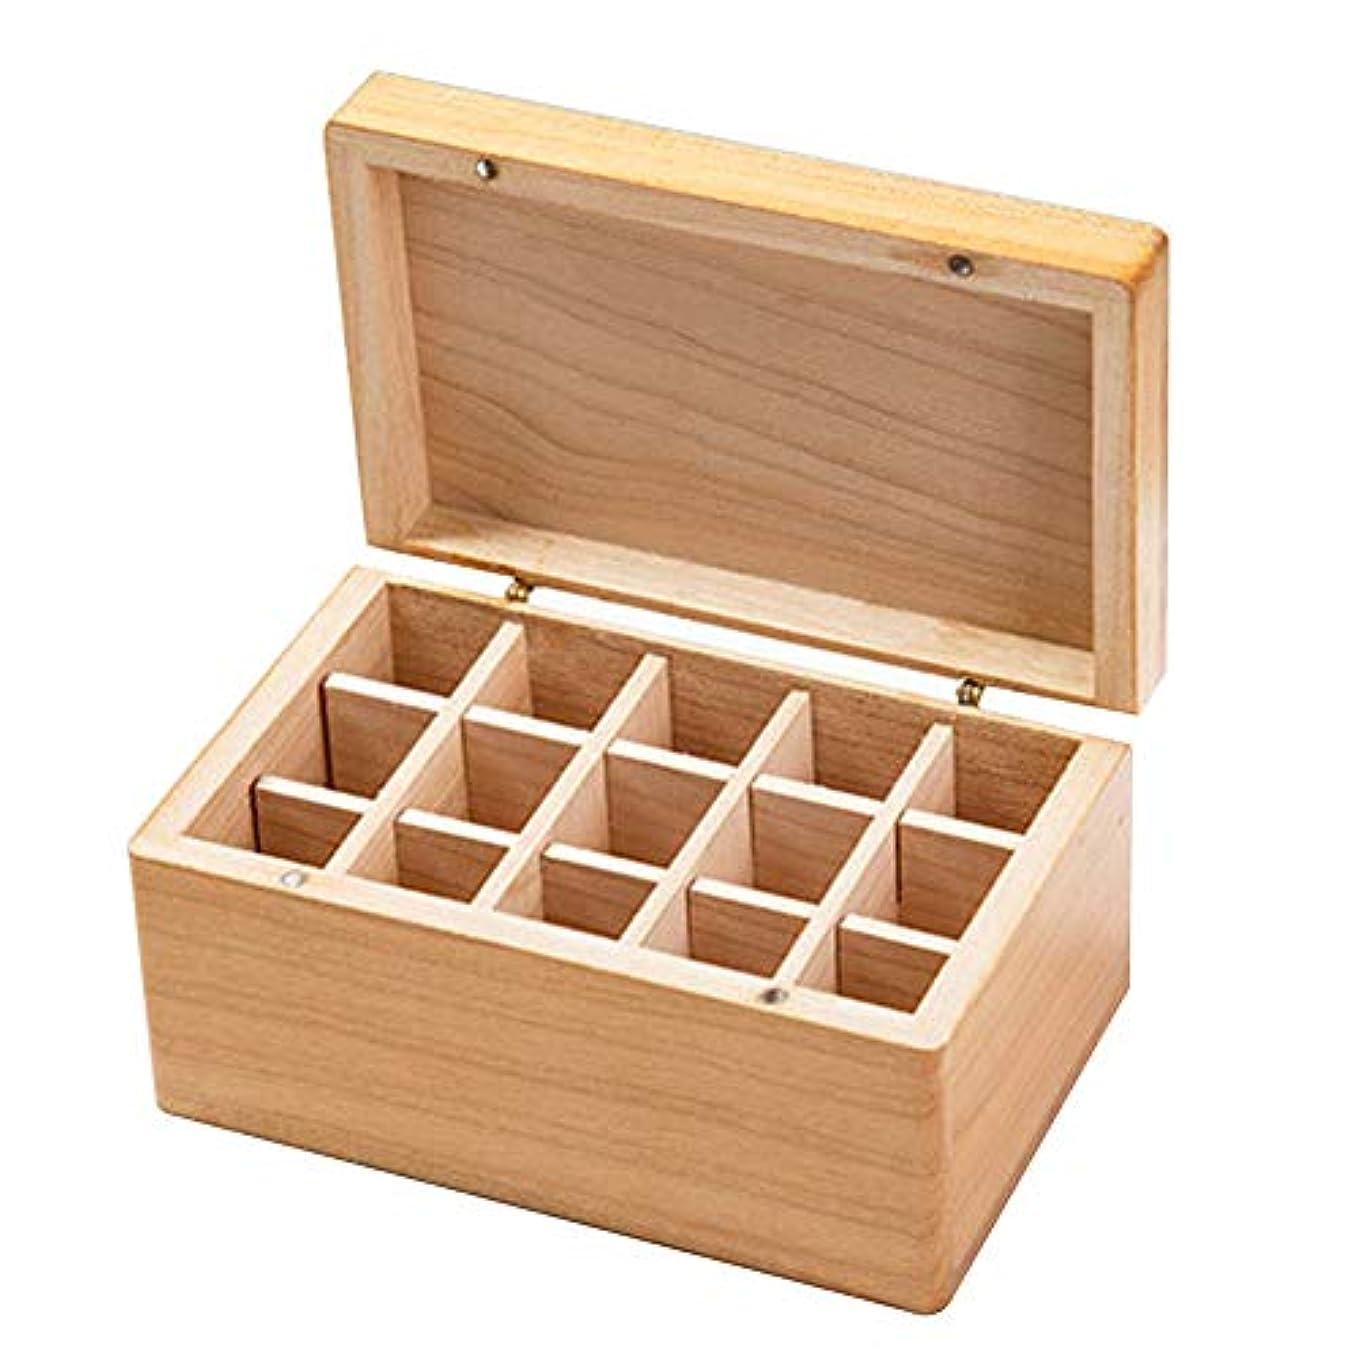 胚中断抑制するエッセンシャルオイル木製収納ボックス、天然木素材コンパートメント耐久性のあるボトル注文したグリッド構造環境に優しいディスプレイケース